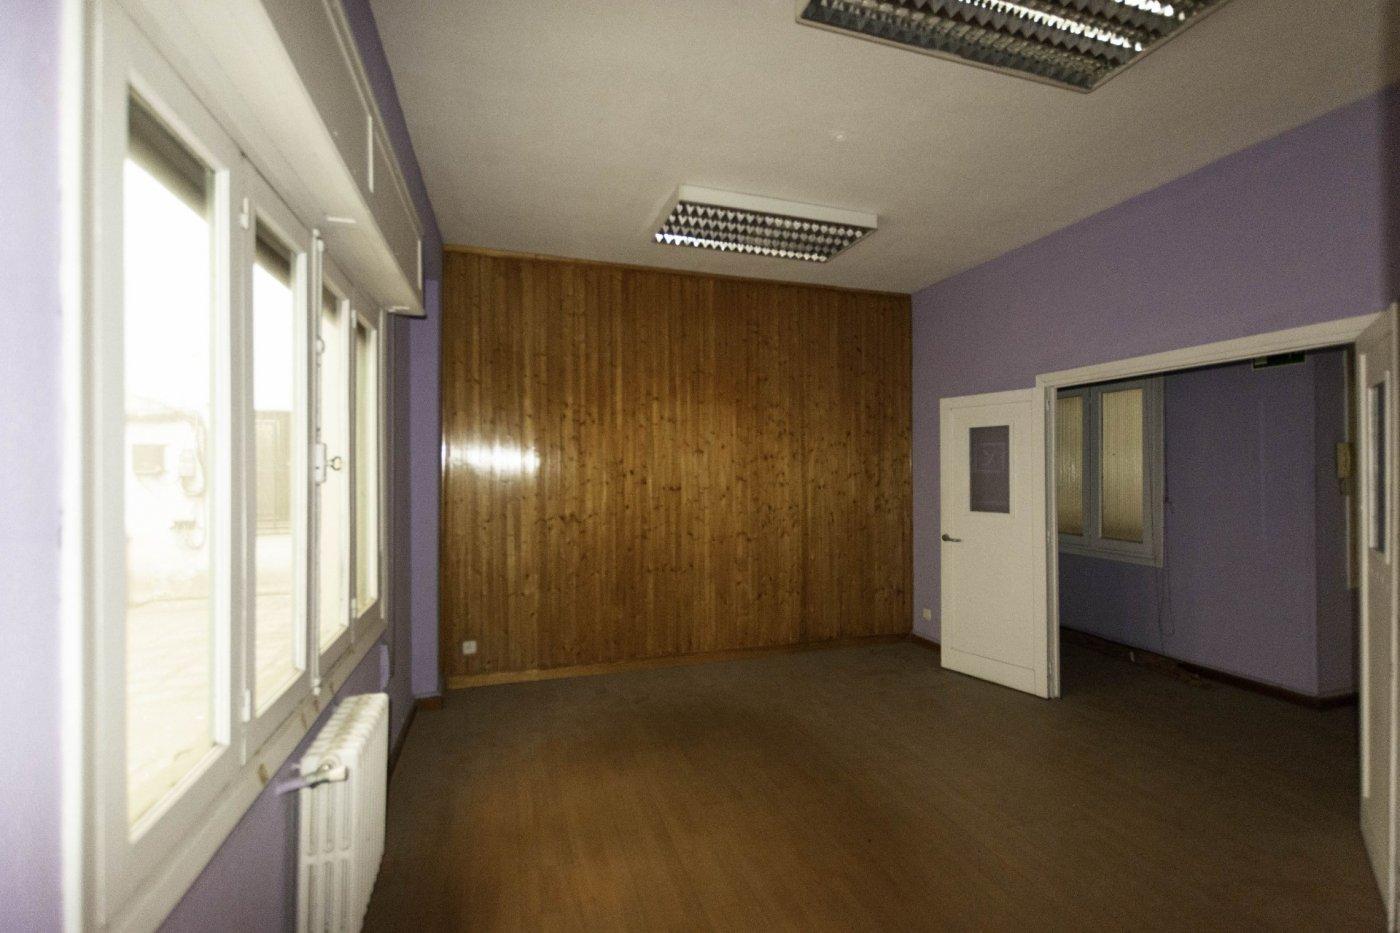 Oficinas en el centro de oviedo. - imagenInmueble7